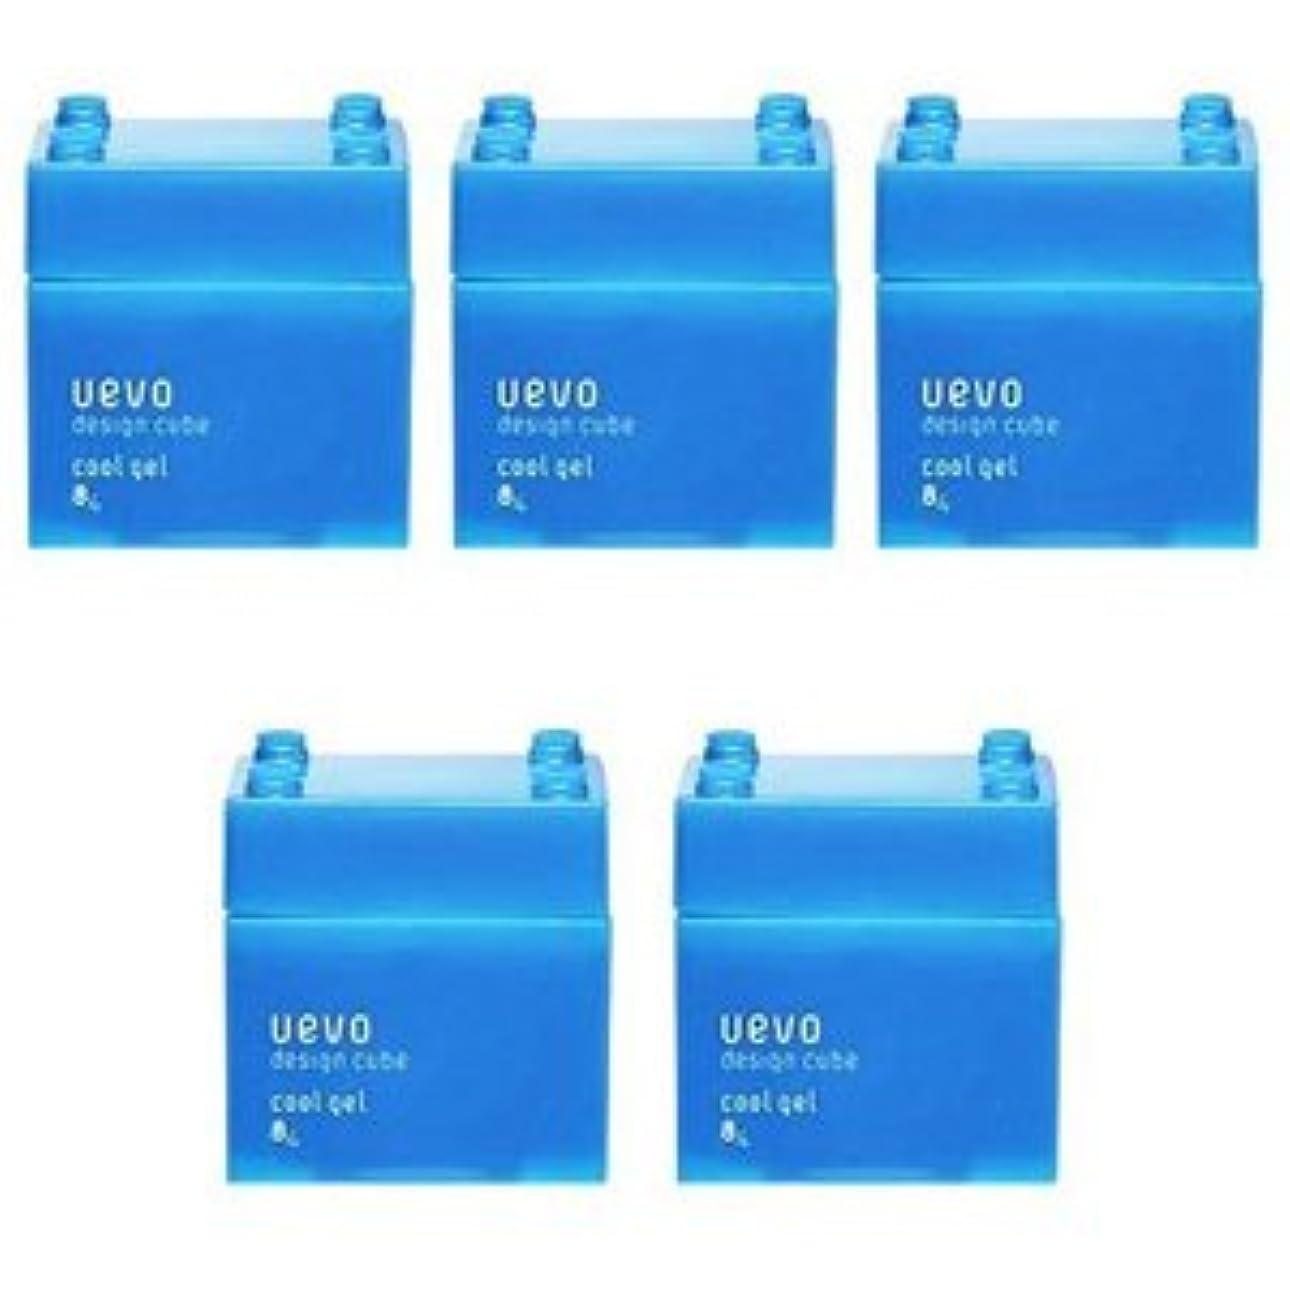 橋サラダ変換する【X5個セット】 デミ ウェーボ デザインキューブ クールジェル 80g cool gel DEMI uevo design cube